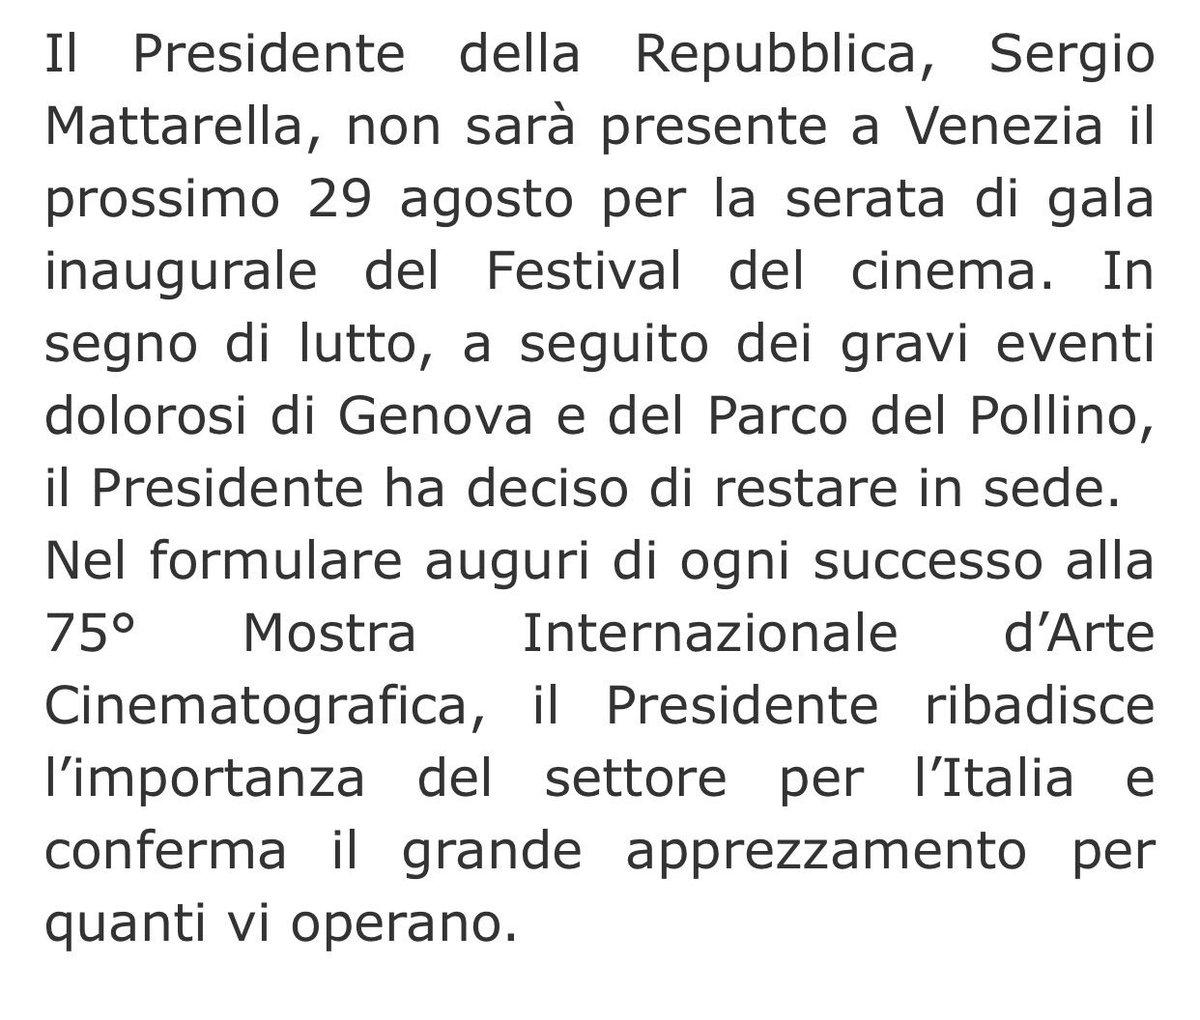 Il Presidente #Mattarella non parteciperà all'inaugurazione della 75^ Mostra Internazionale del #Cinema, la nota: